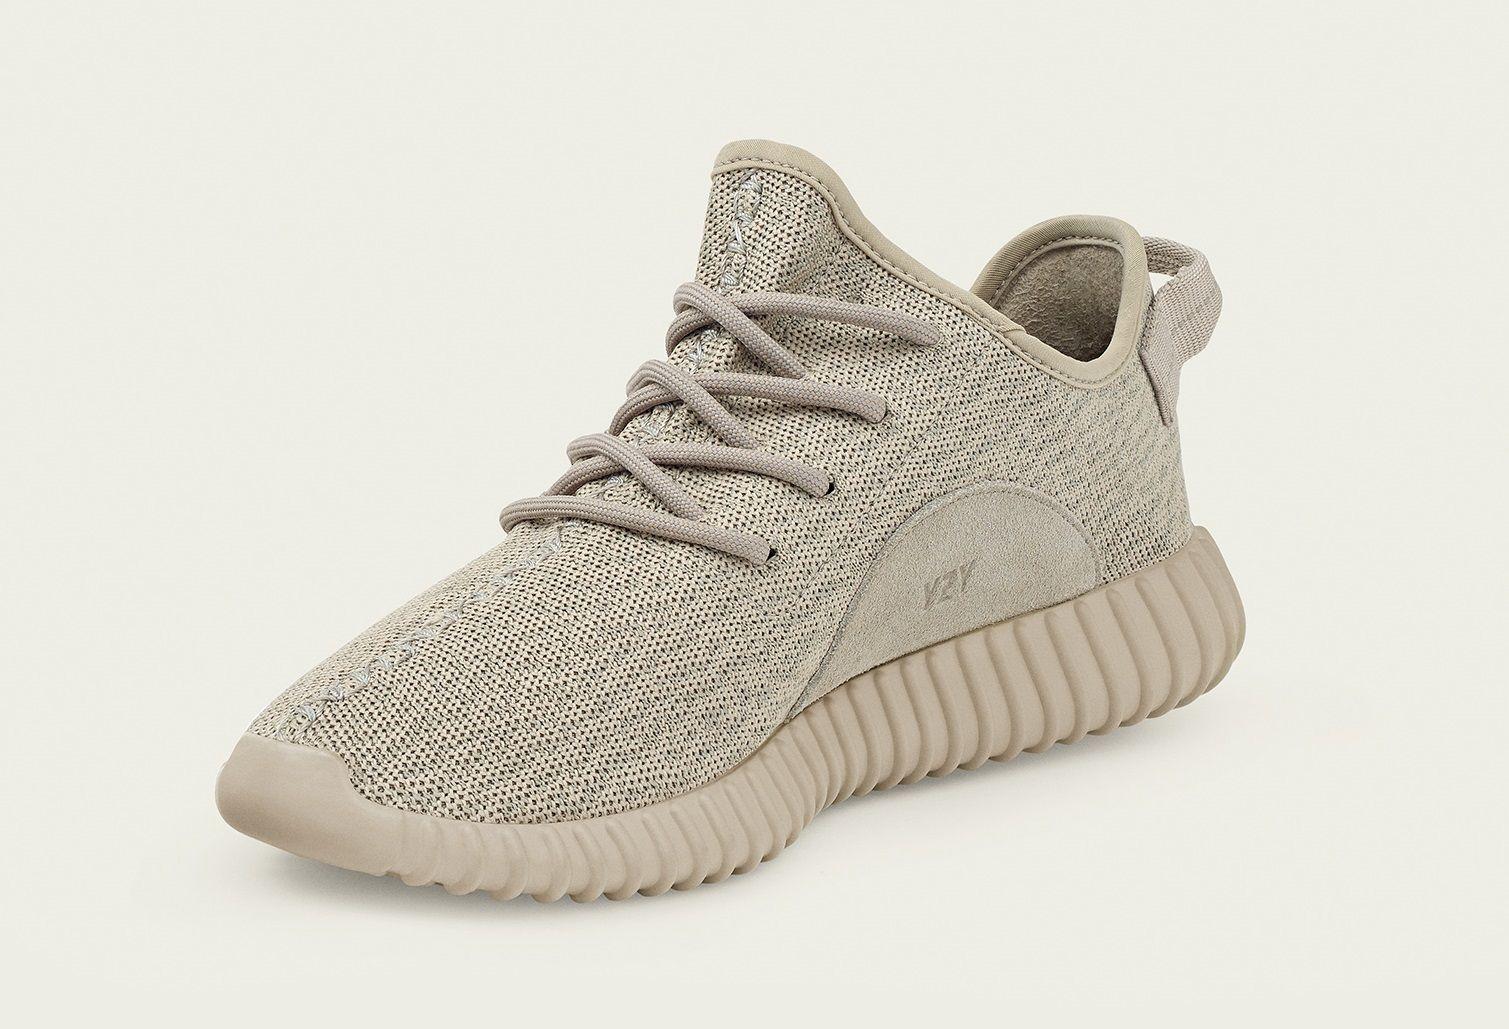 adidas yeezy zapatillas